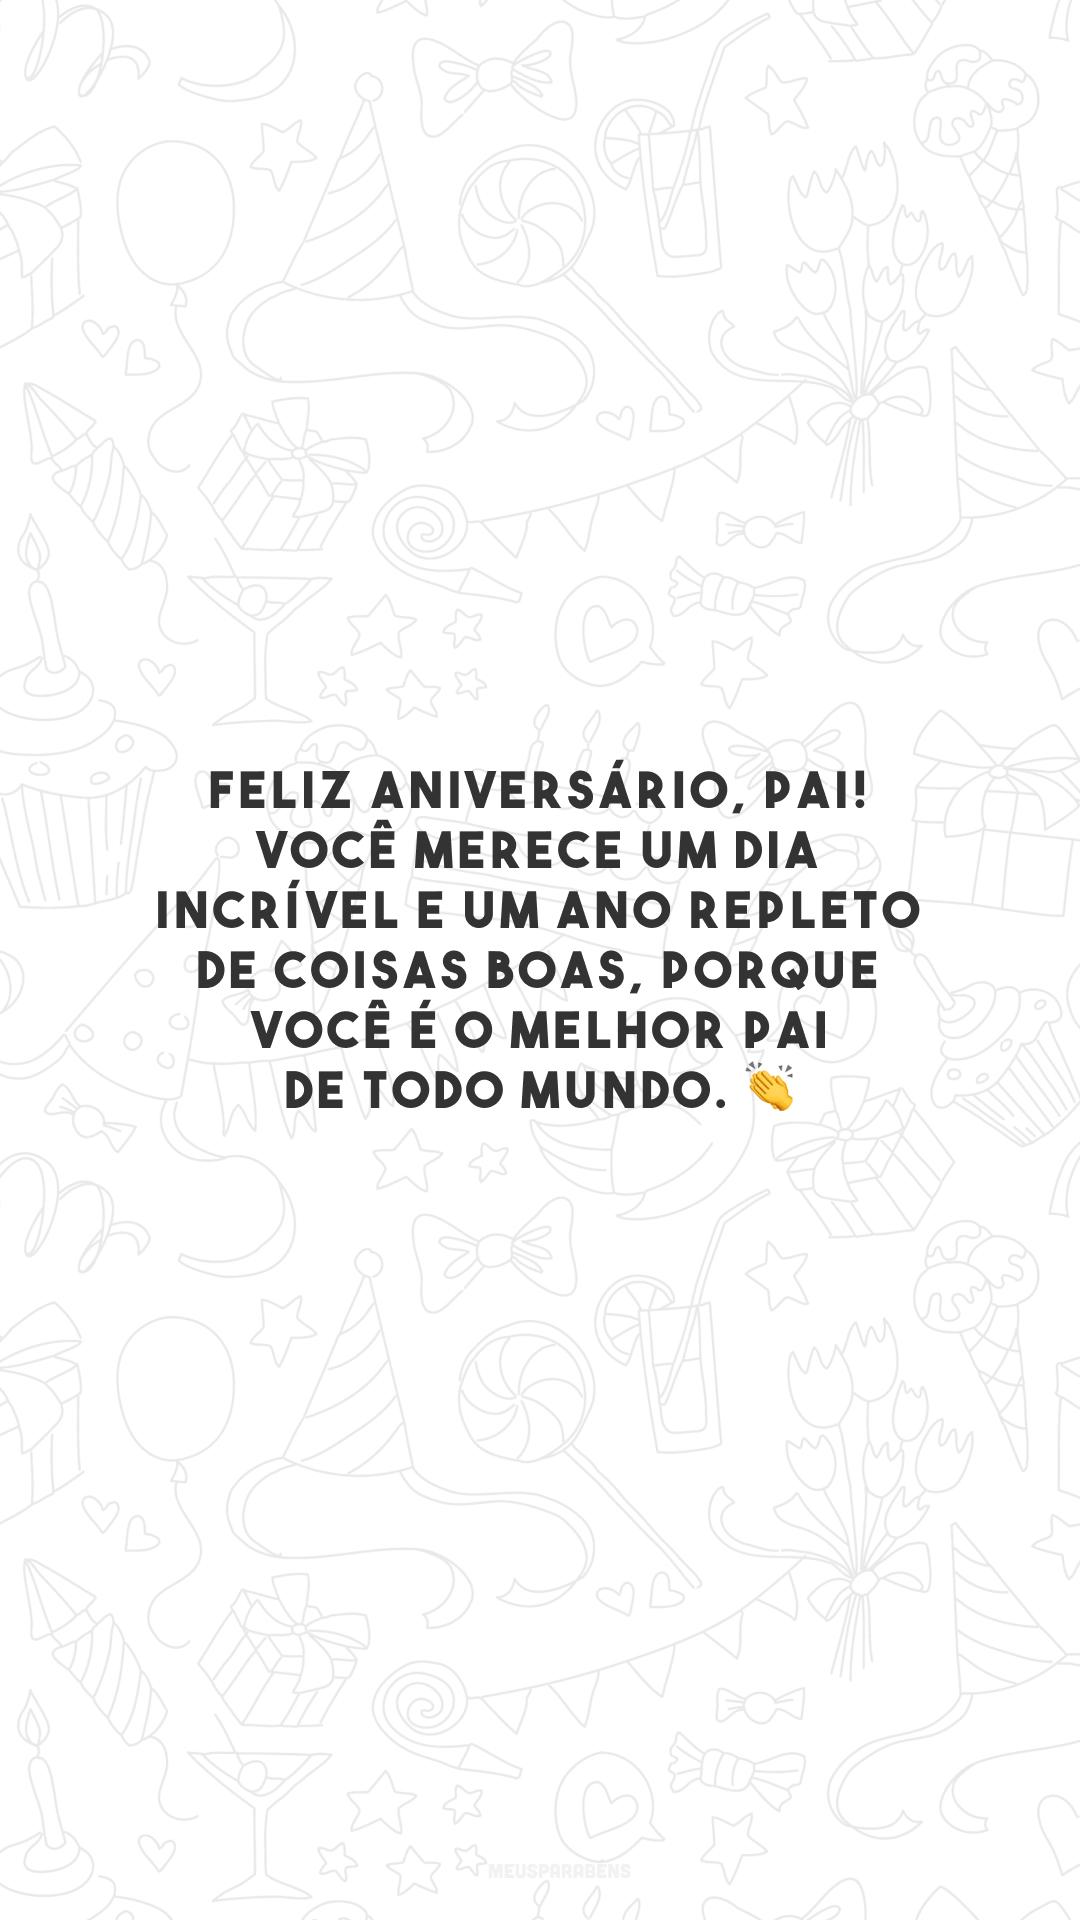 Feliz aniversário, pai! Você merece um dia incrível e um ano repleto de coisas boas, porque você é o melhor pai de todo mundo. 👏